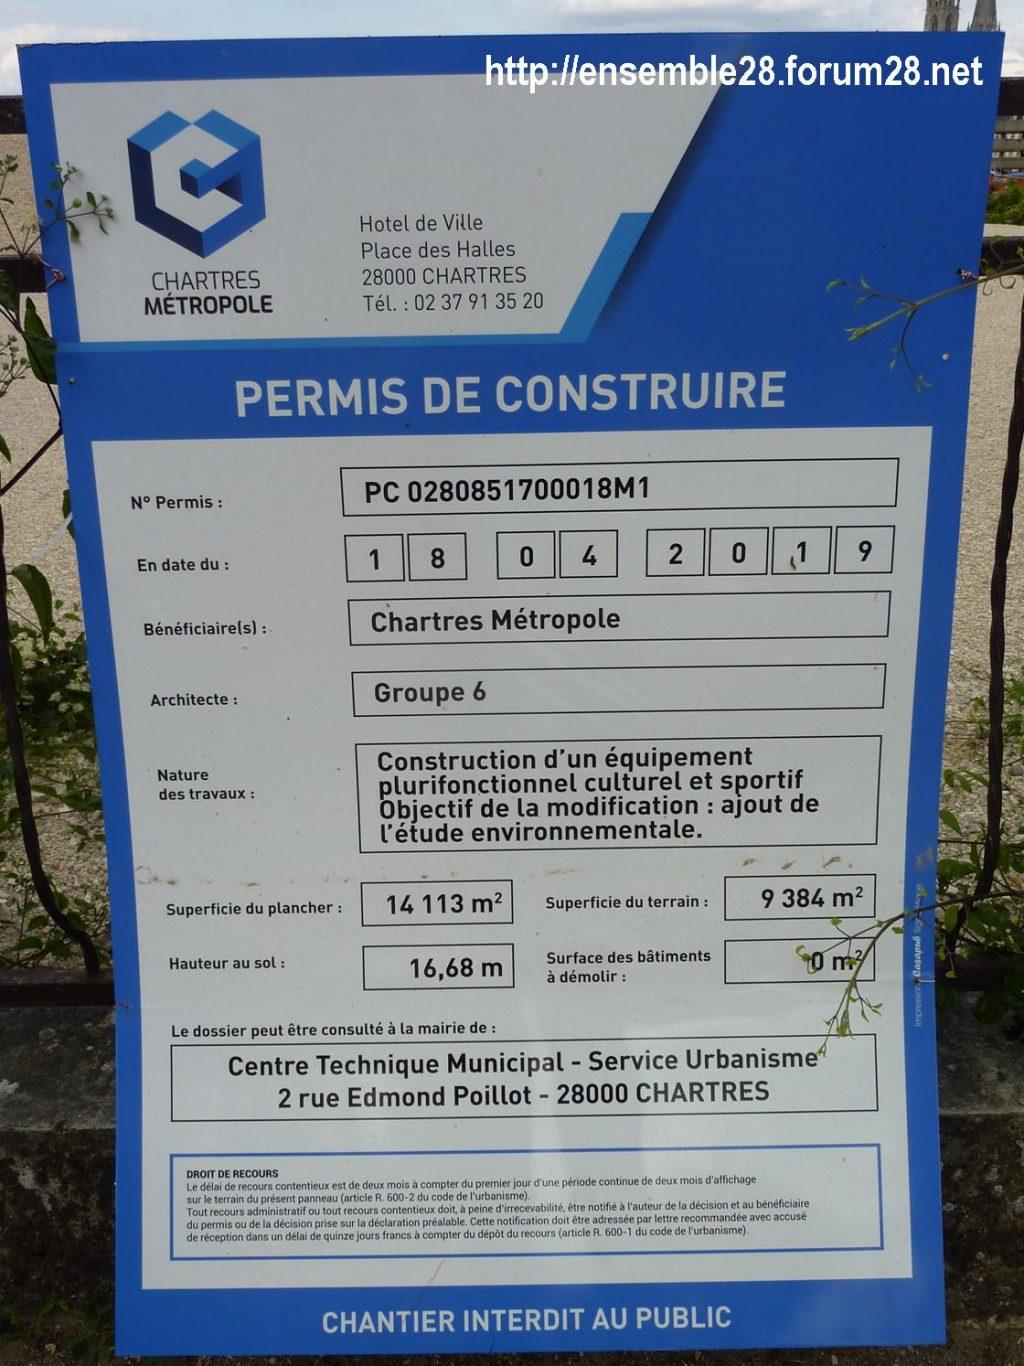 Chartres équipement plurifonctionnel, culturel et sportif Plaque de chantier